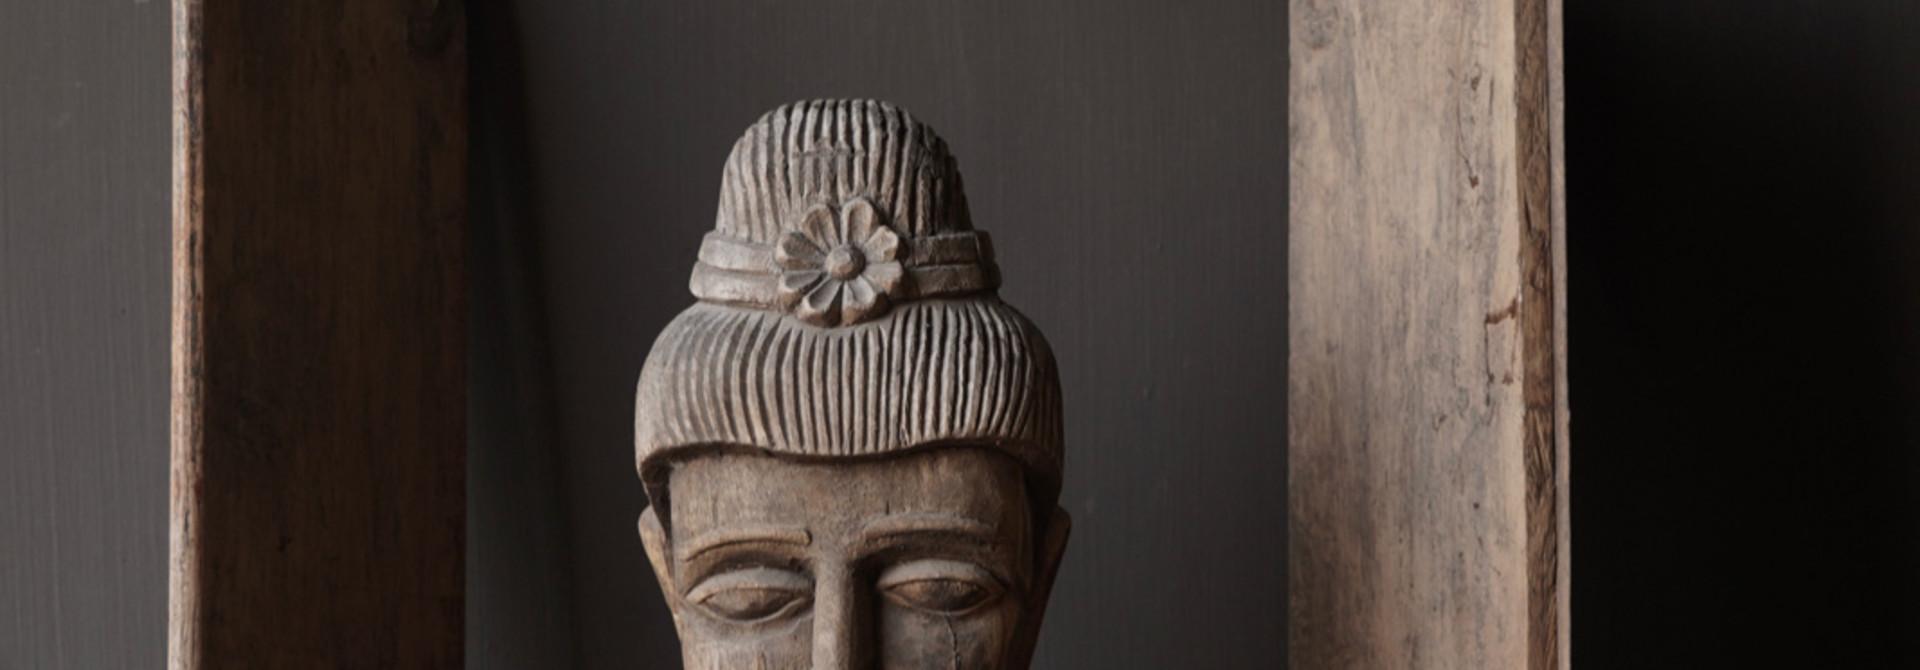 Oud vergrijsd houten  boeddha hoofd